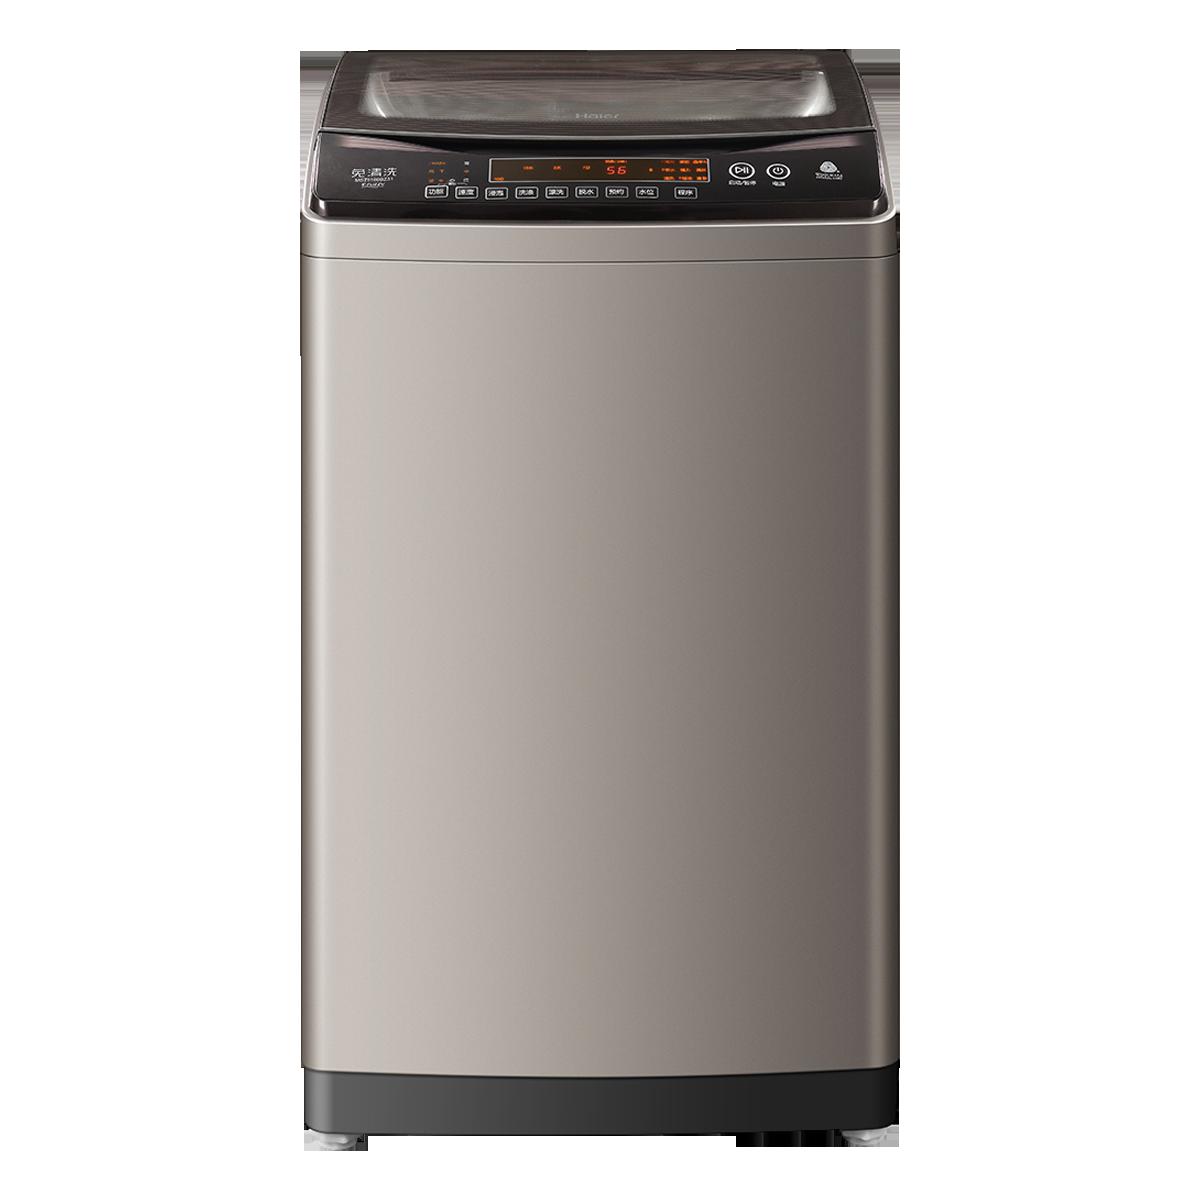 海尔Haier洗衣机 MS75188BZ31 说明书